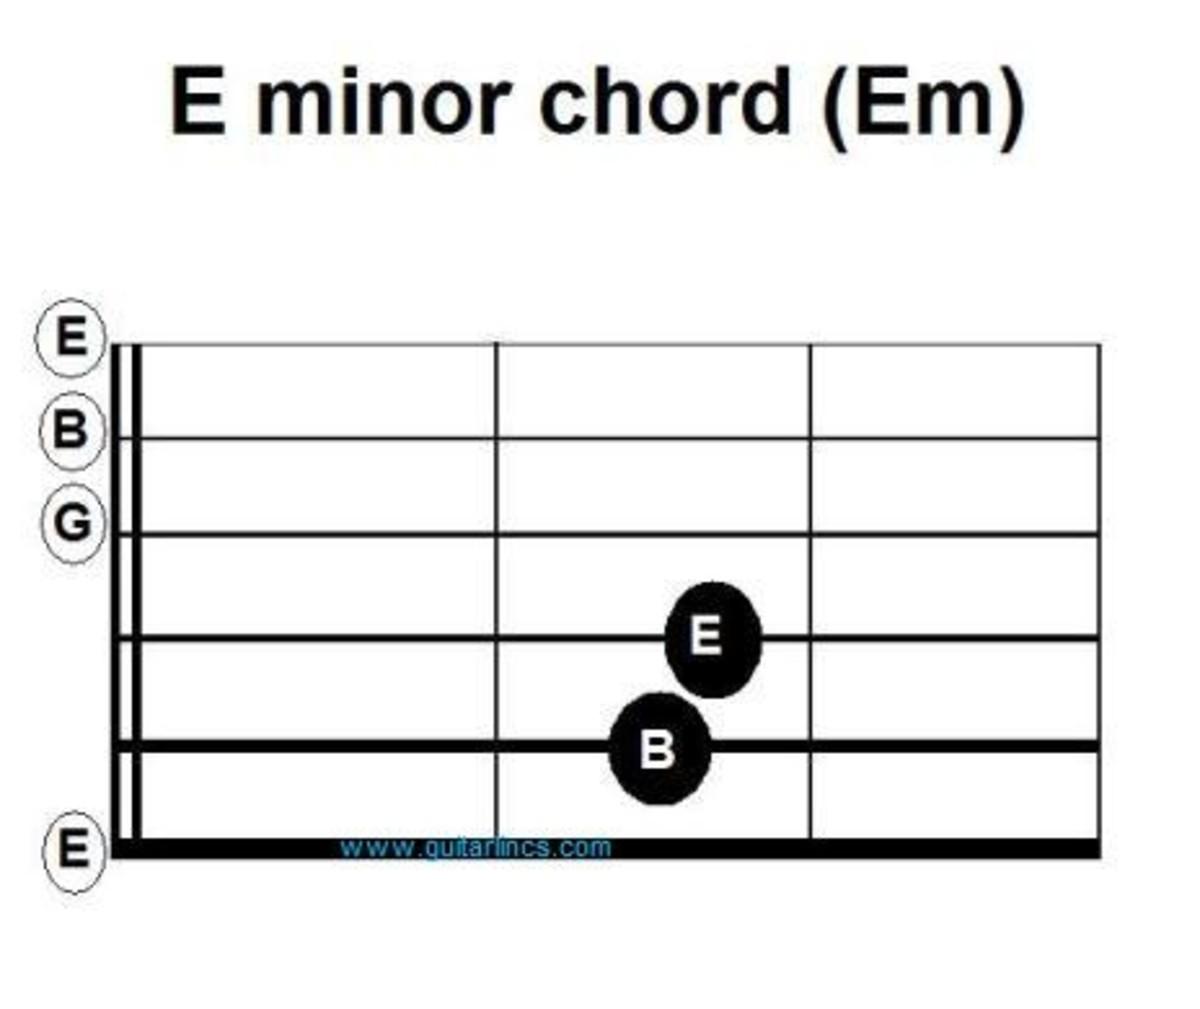 Em chord, open position